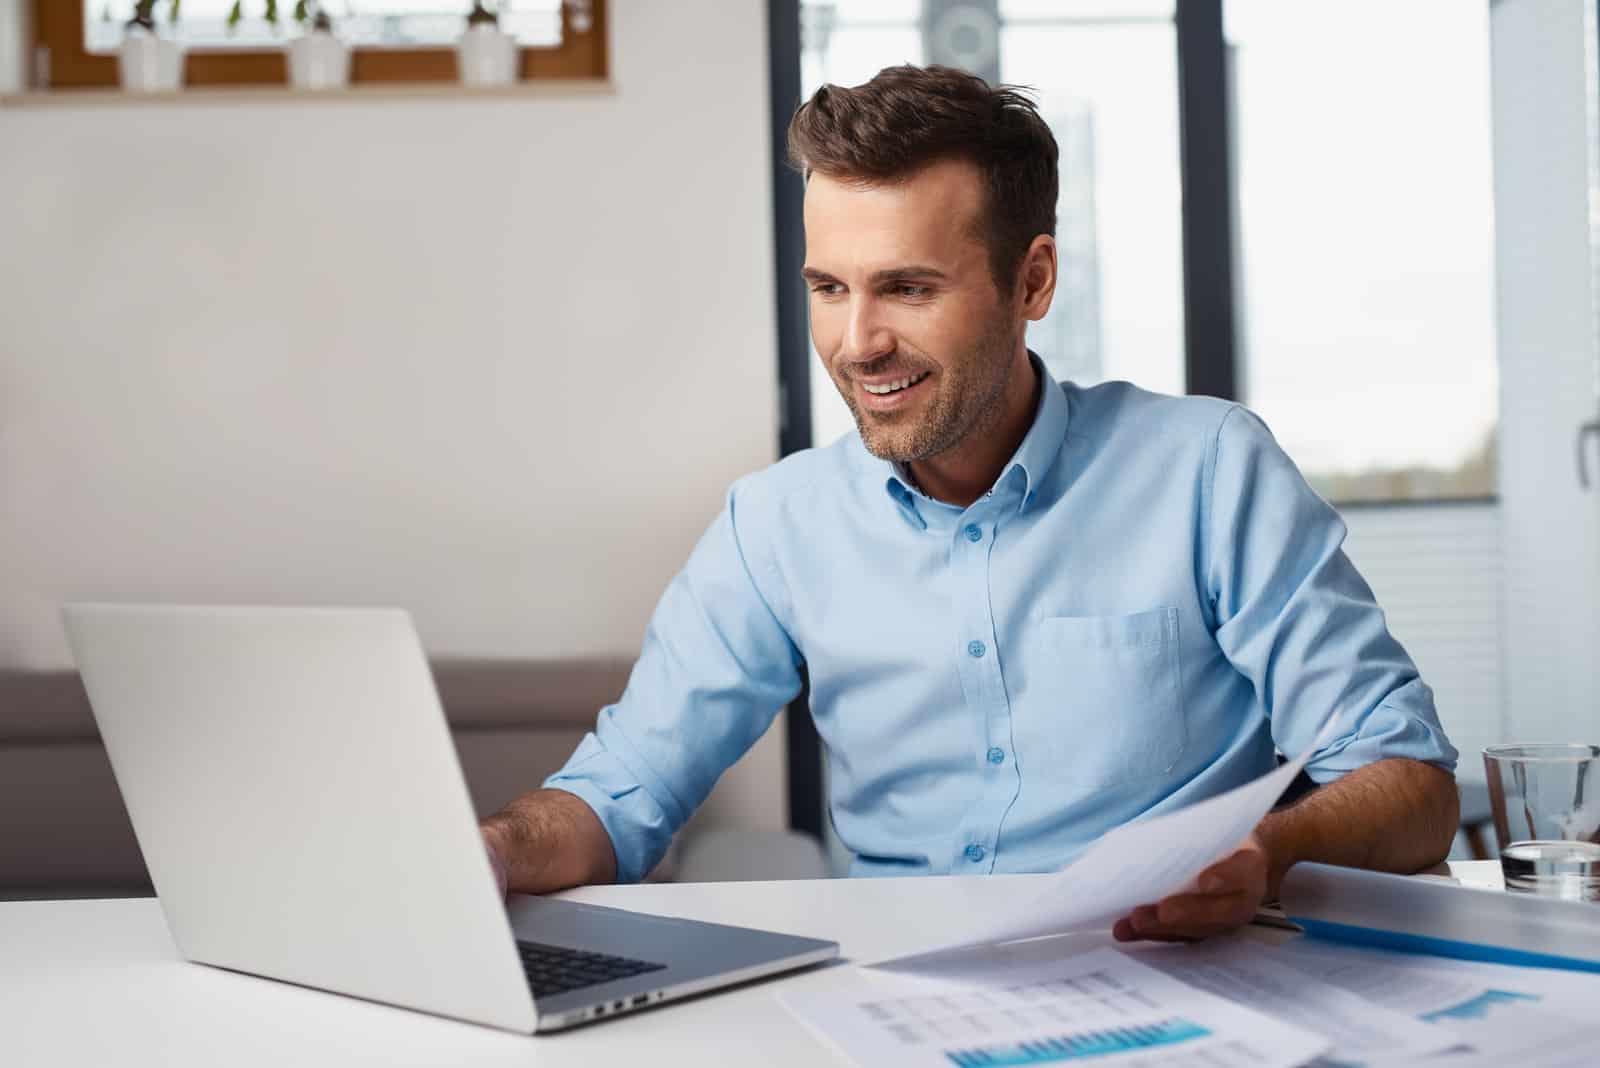 un homme est assis devant un ordinateur portable et travaille